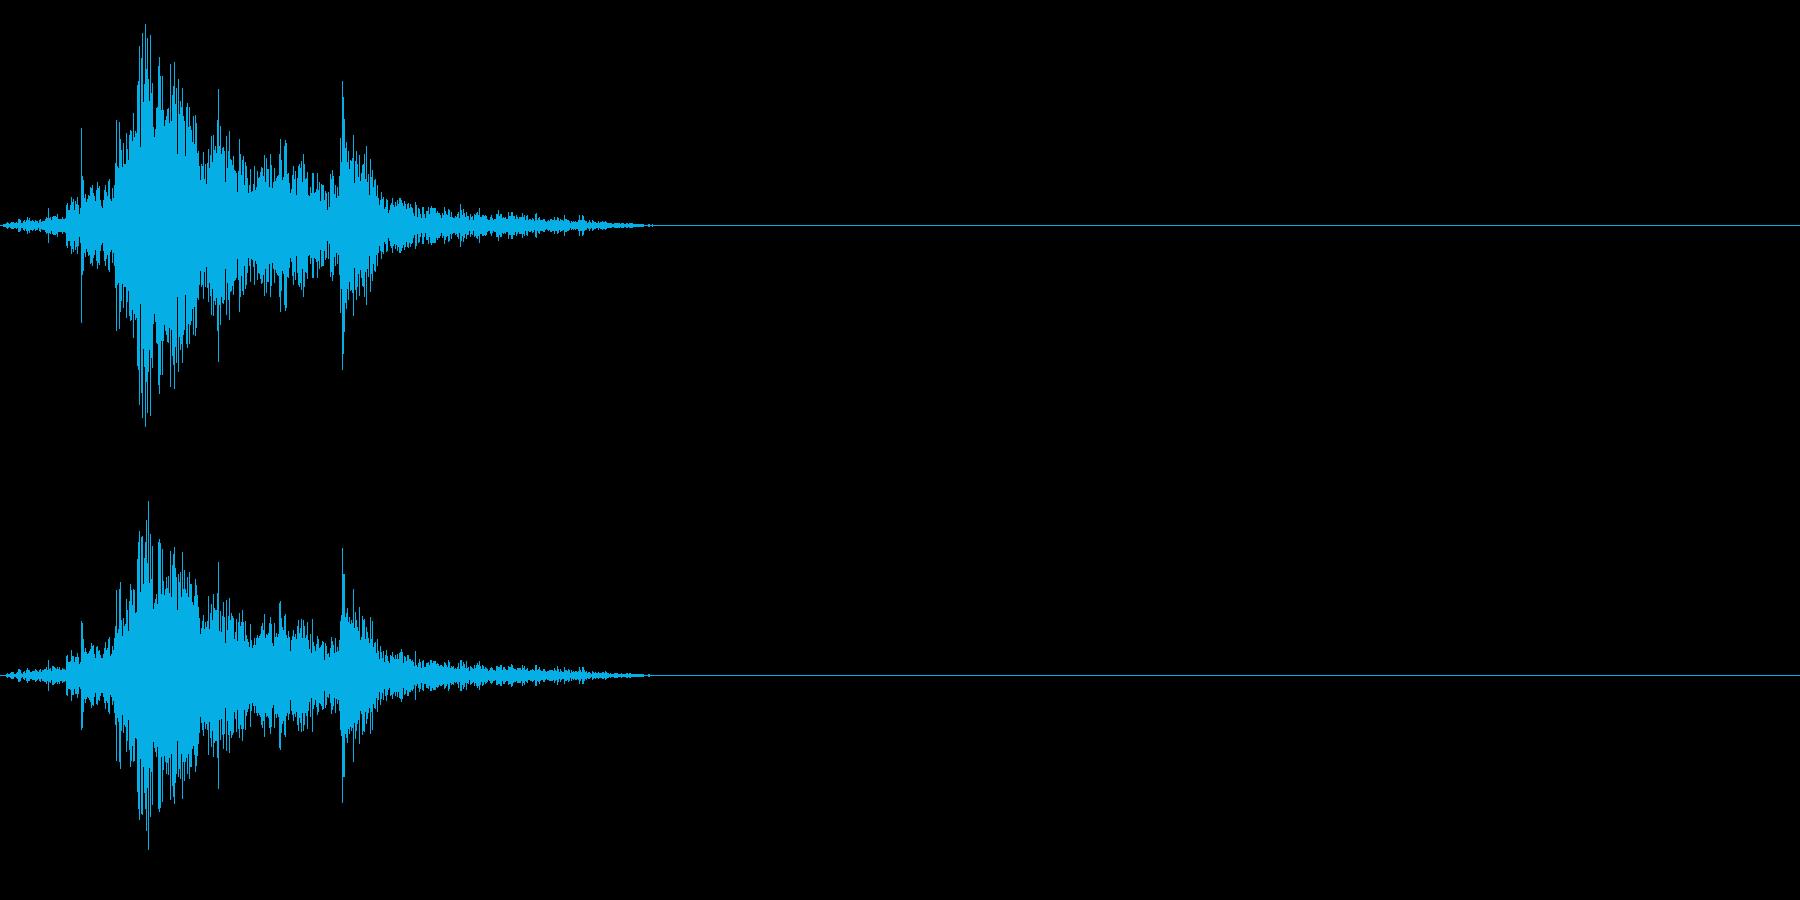 【生録音】古い木製のガラス戸を開ける音の再生済みの波形